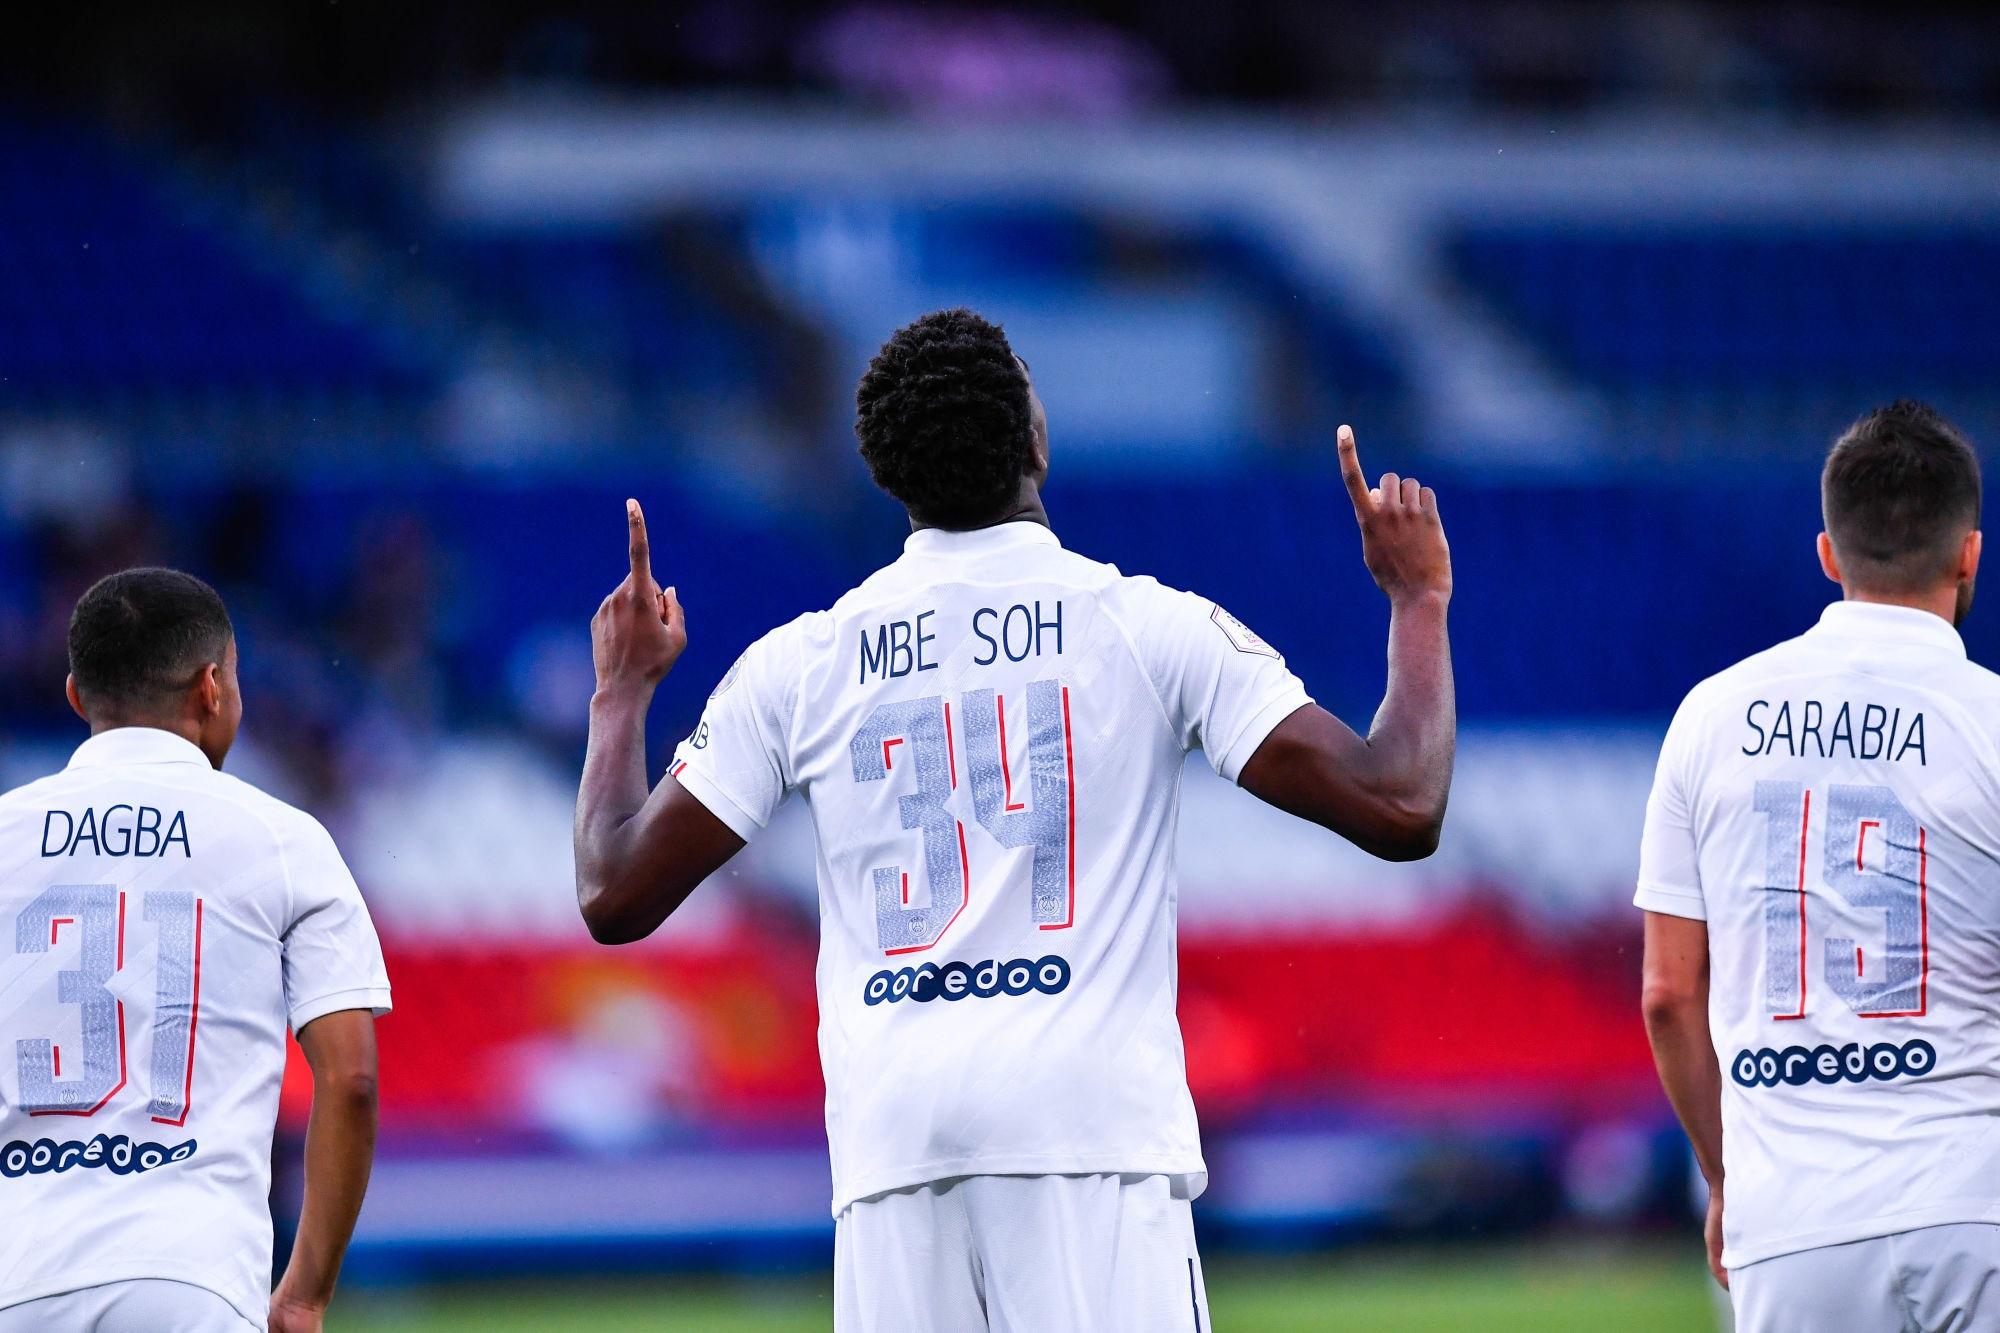 Mercato - Mbe Soh sur le départ, il intéresse en Liga et en Premier League selon L'Equipe